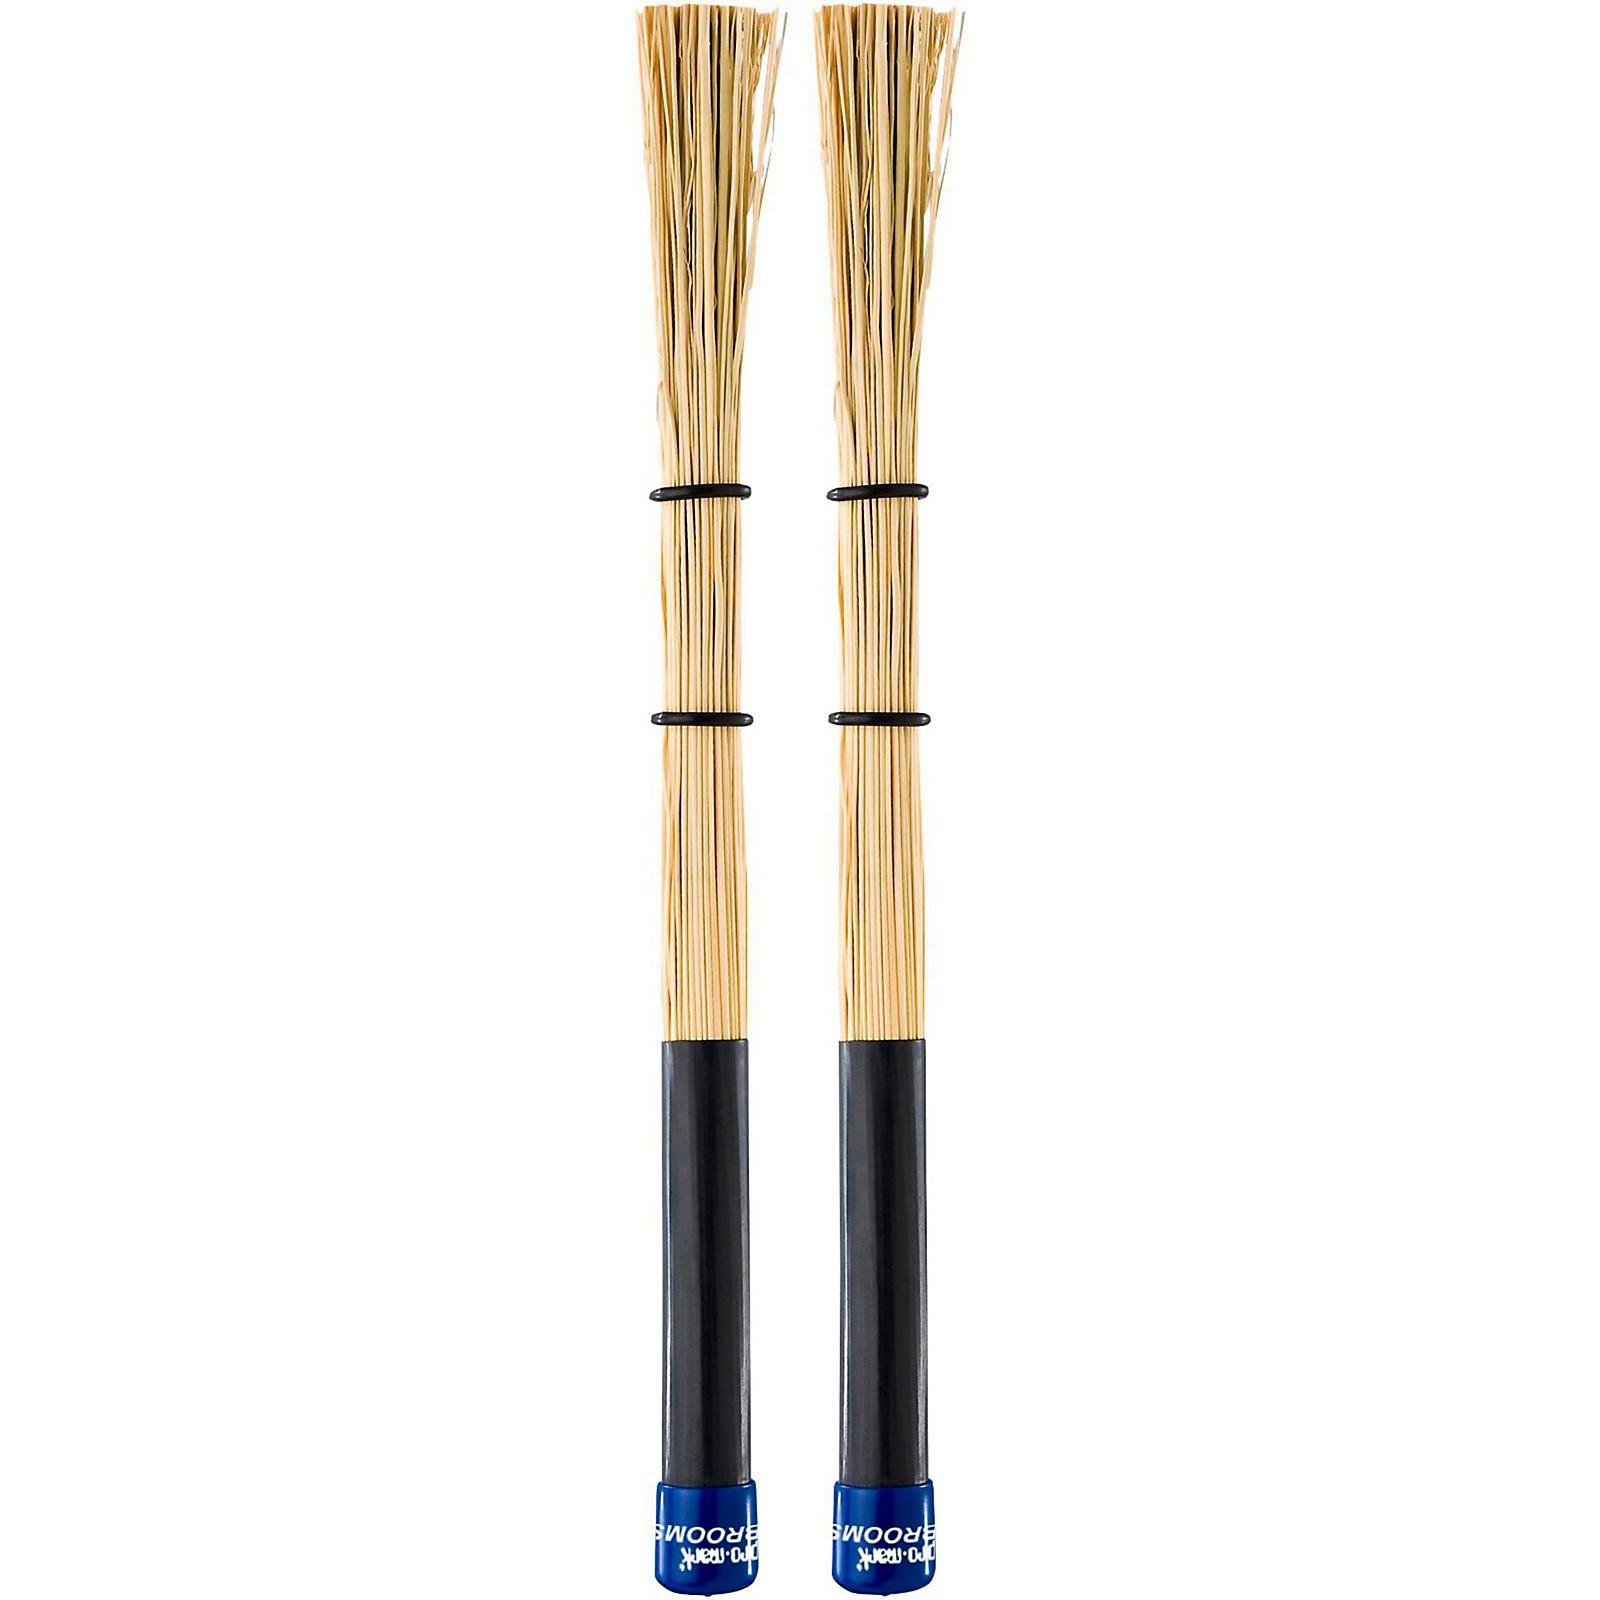 Promark Medium Broomsticks